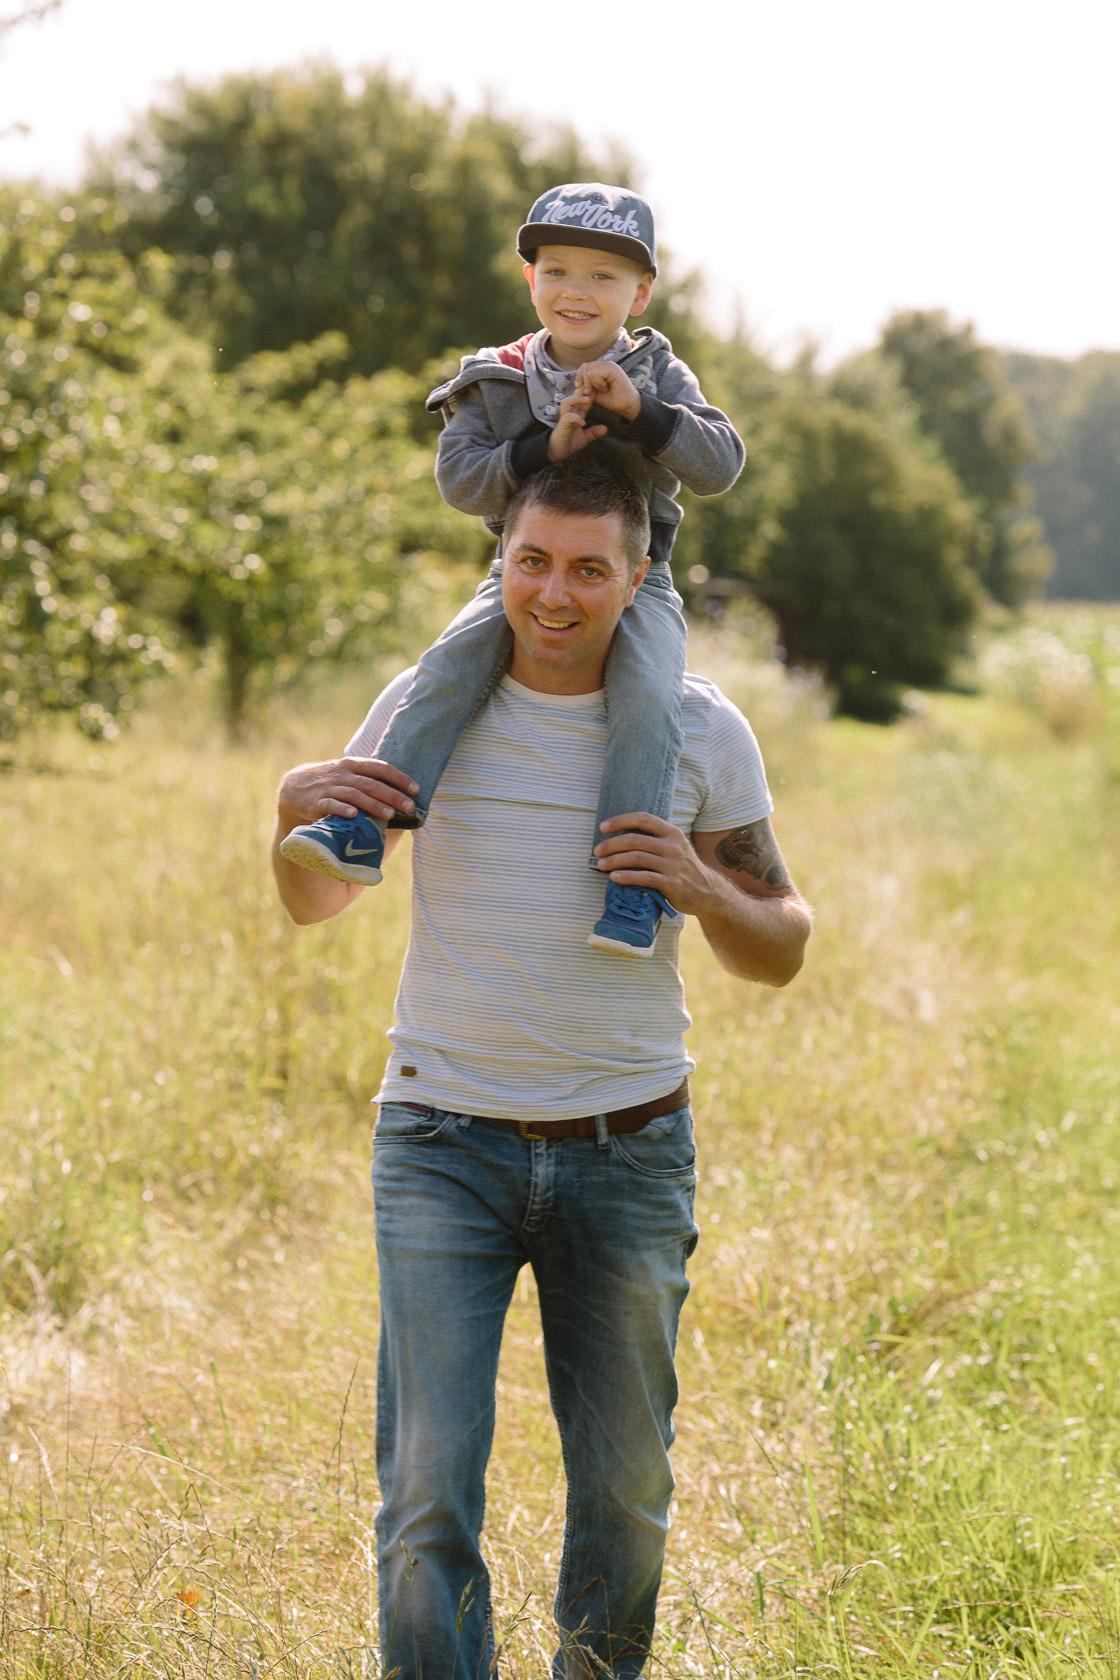 Entspannte Familienfotos mit Hund Ungestellte Familienfotos Familienportraits Familienfotoshooting Familienbilder mit Kind Laufrad Ungestellt Natürlich